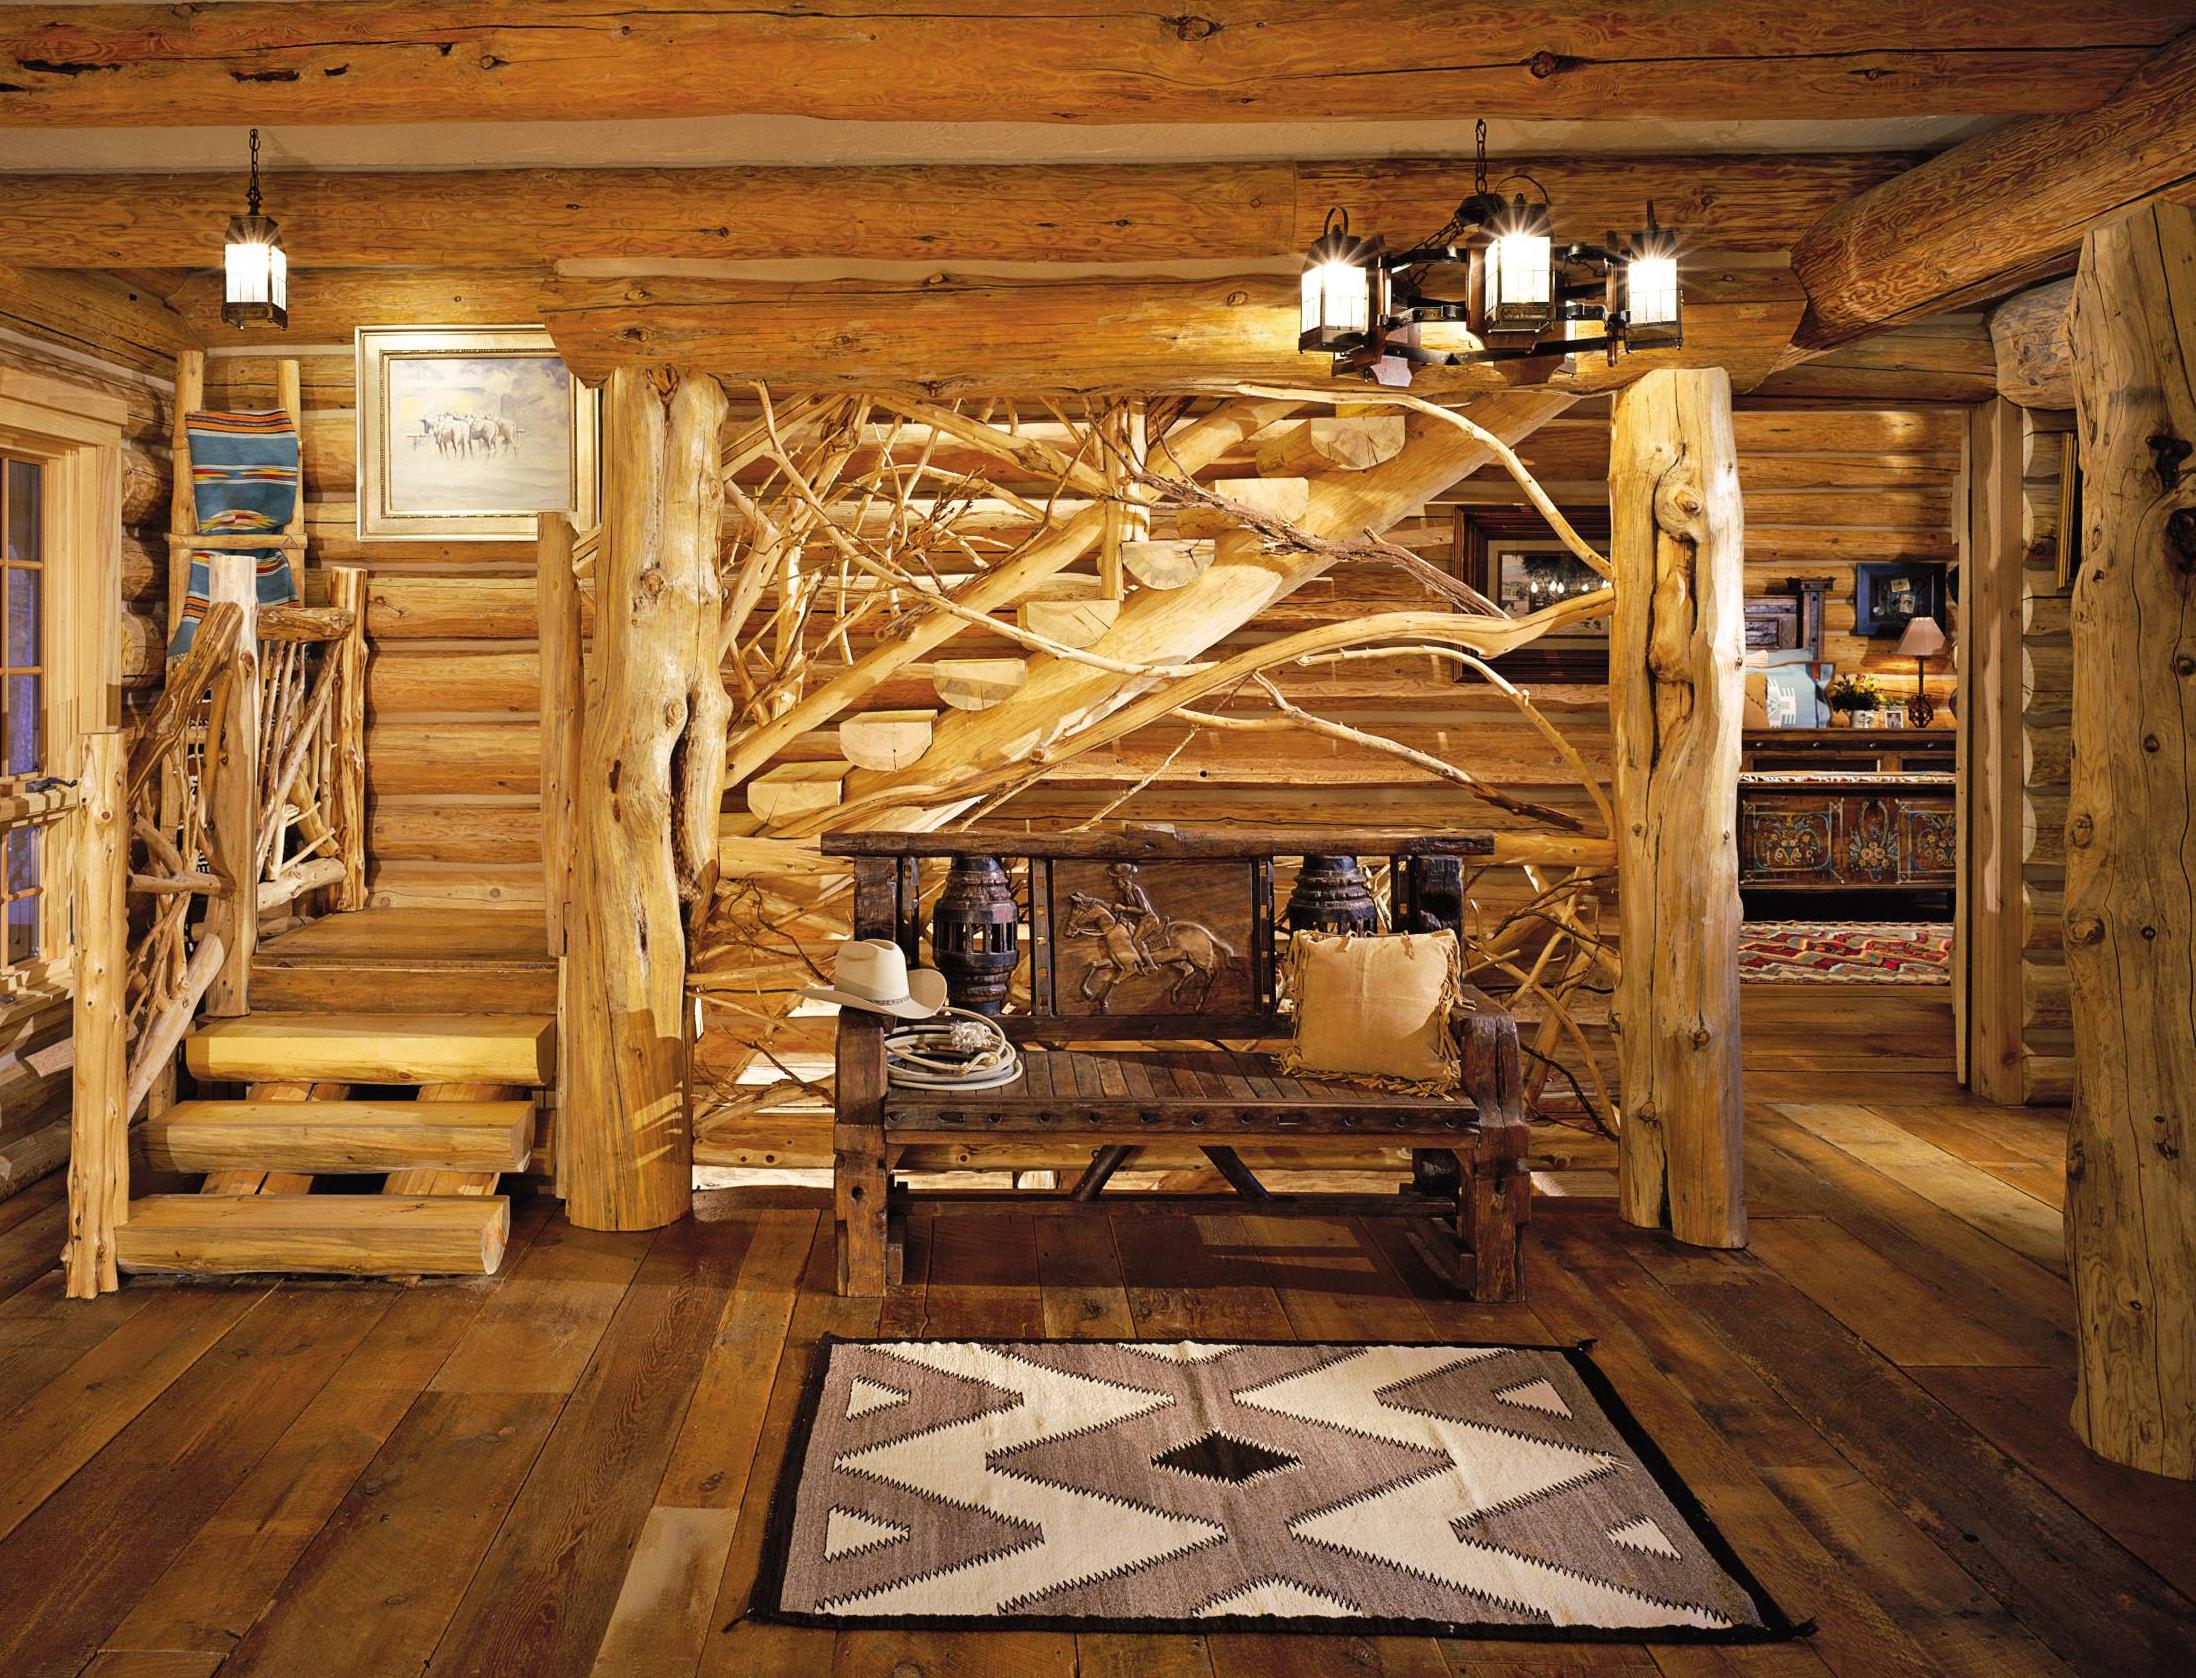 Фото отделки деревянных домов внутри дизайн